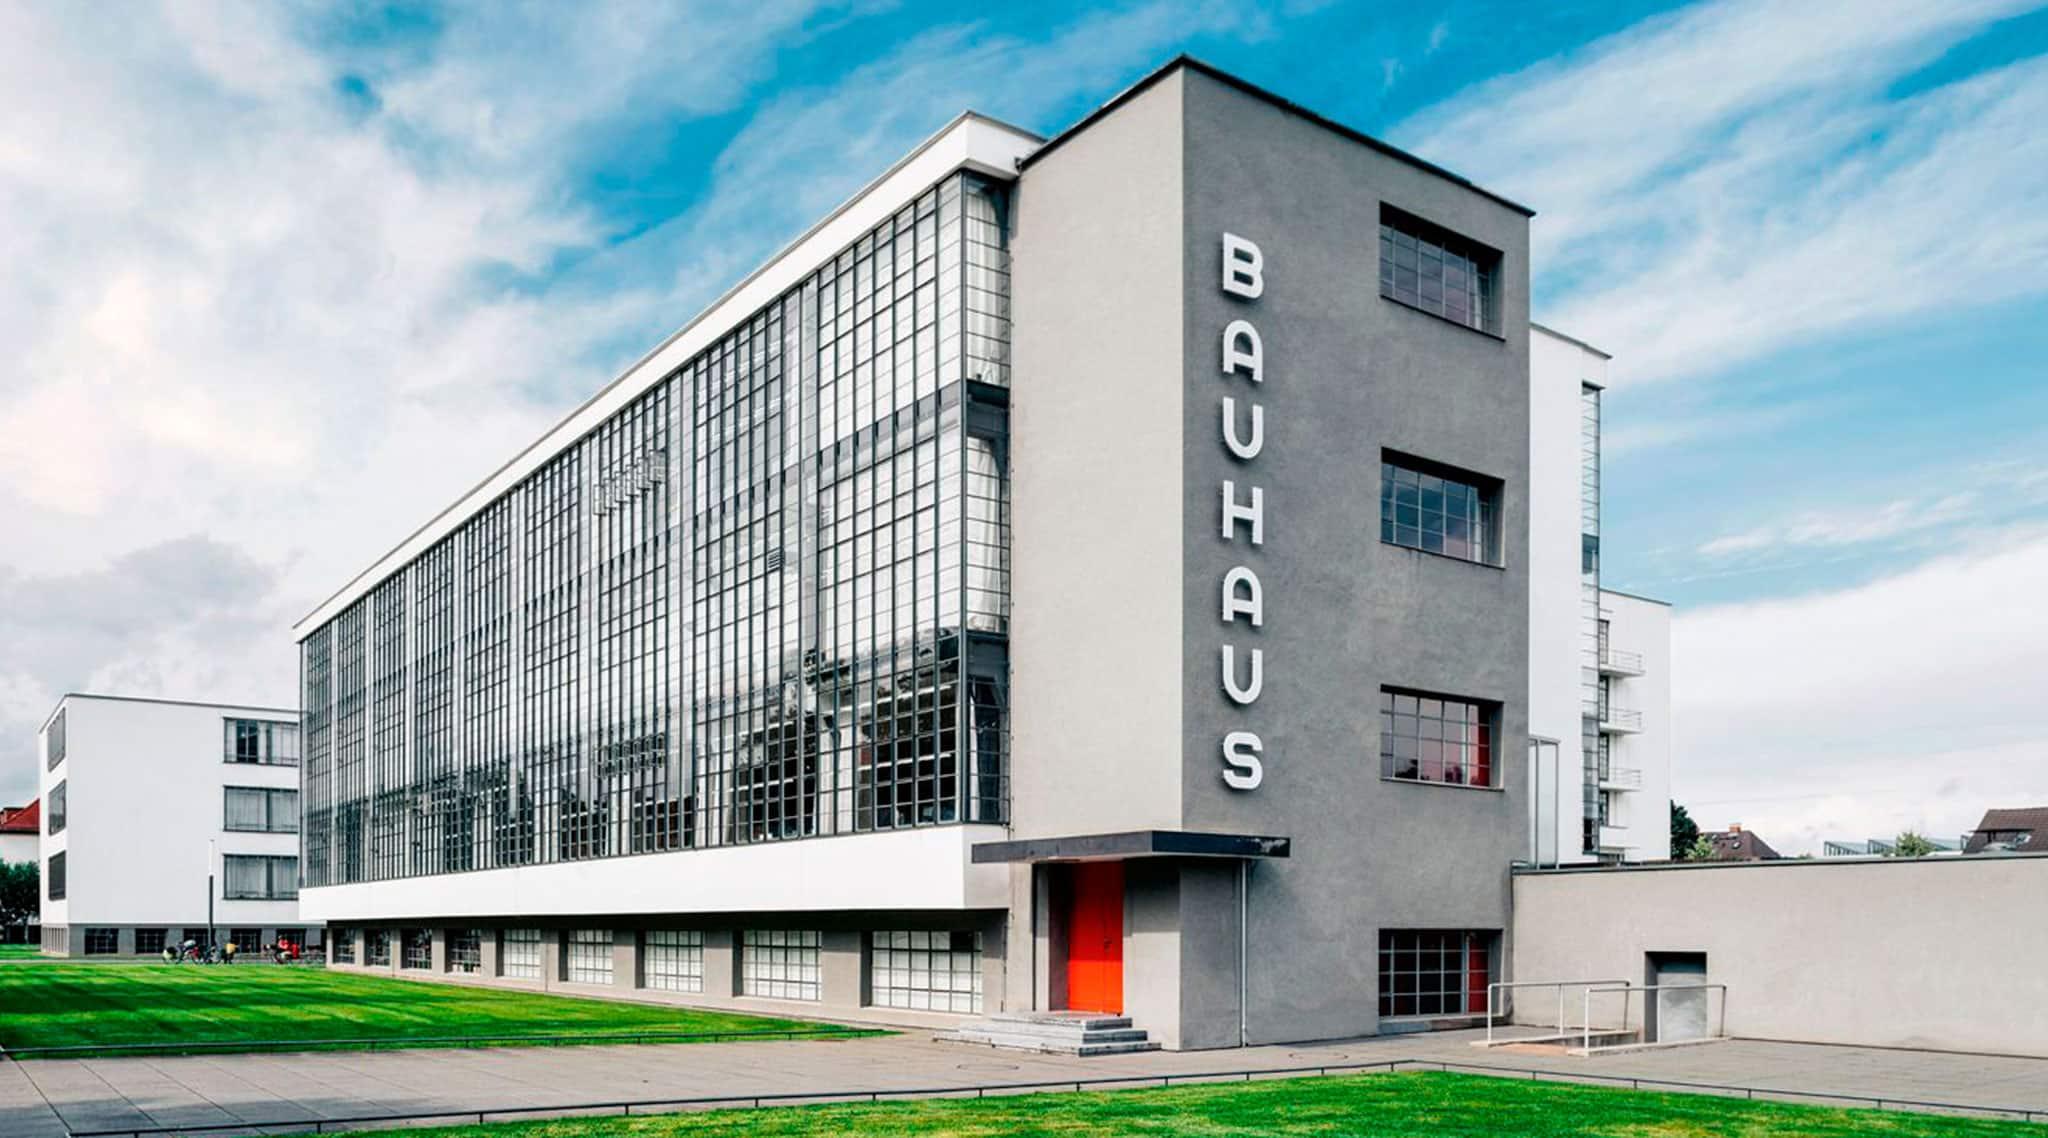 Edificio Bauhaus en Dessau | Molins Design interioristas